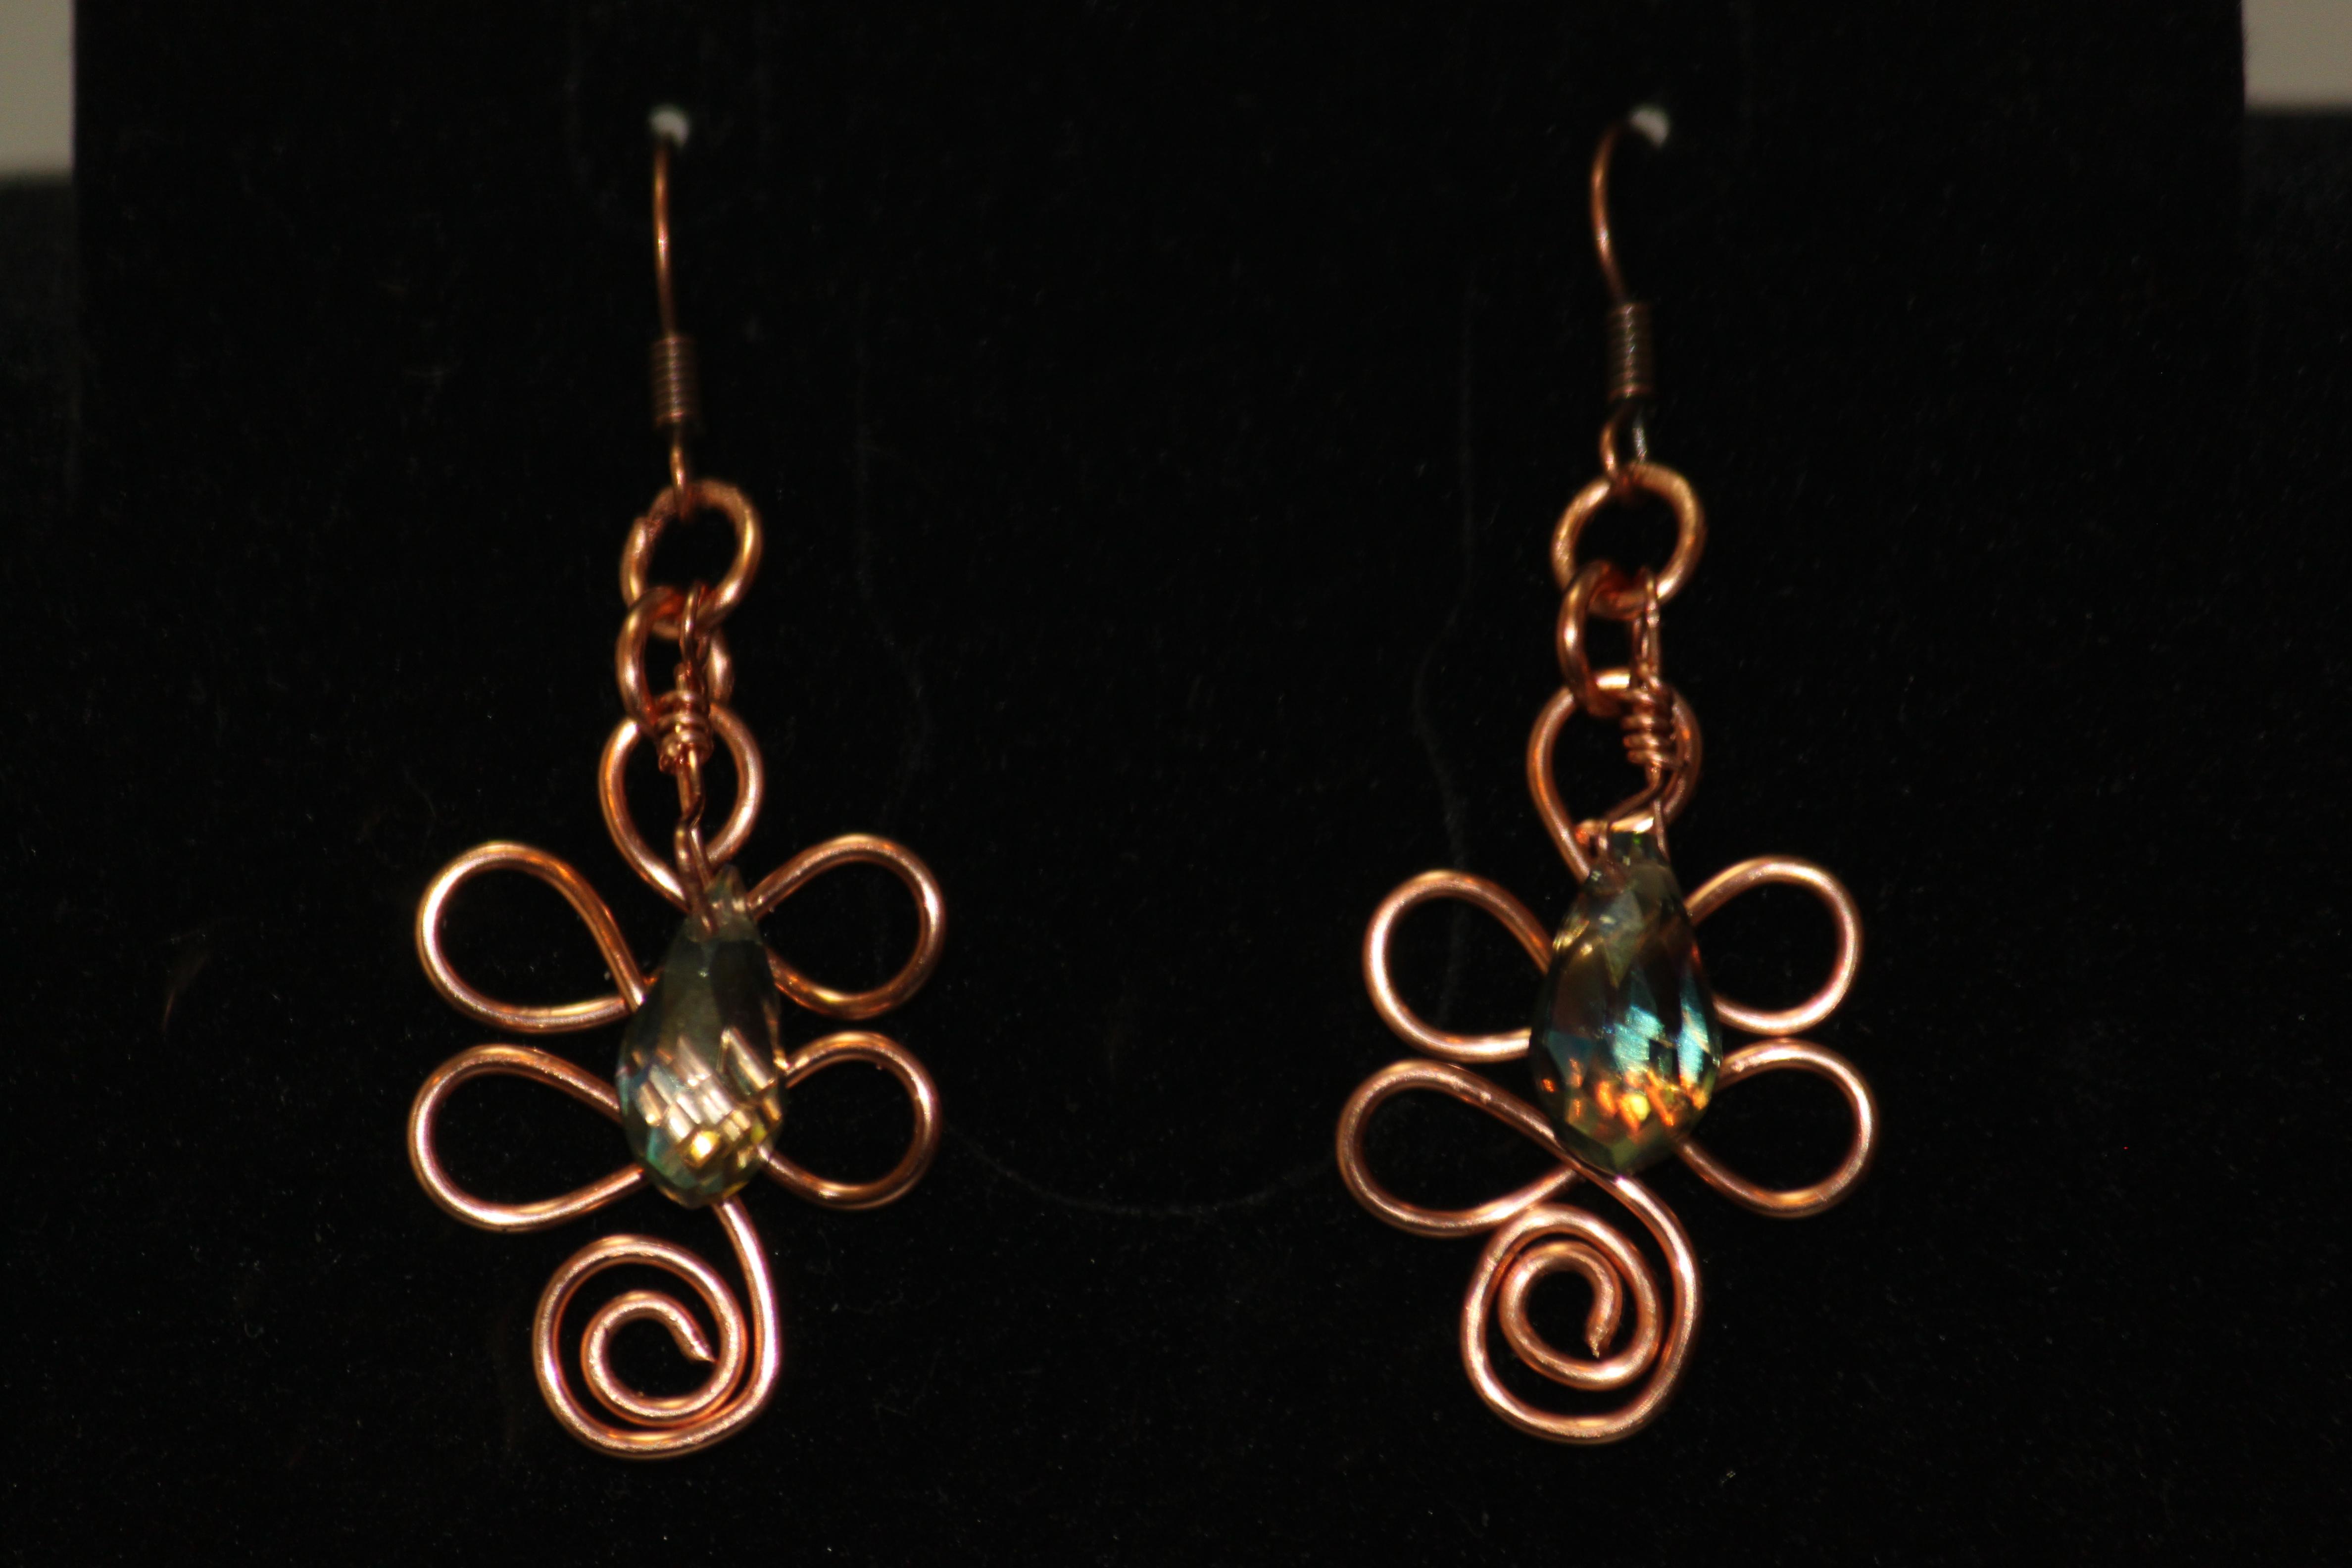 Earrings-flower shape copper wire